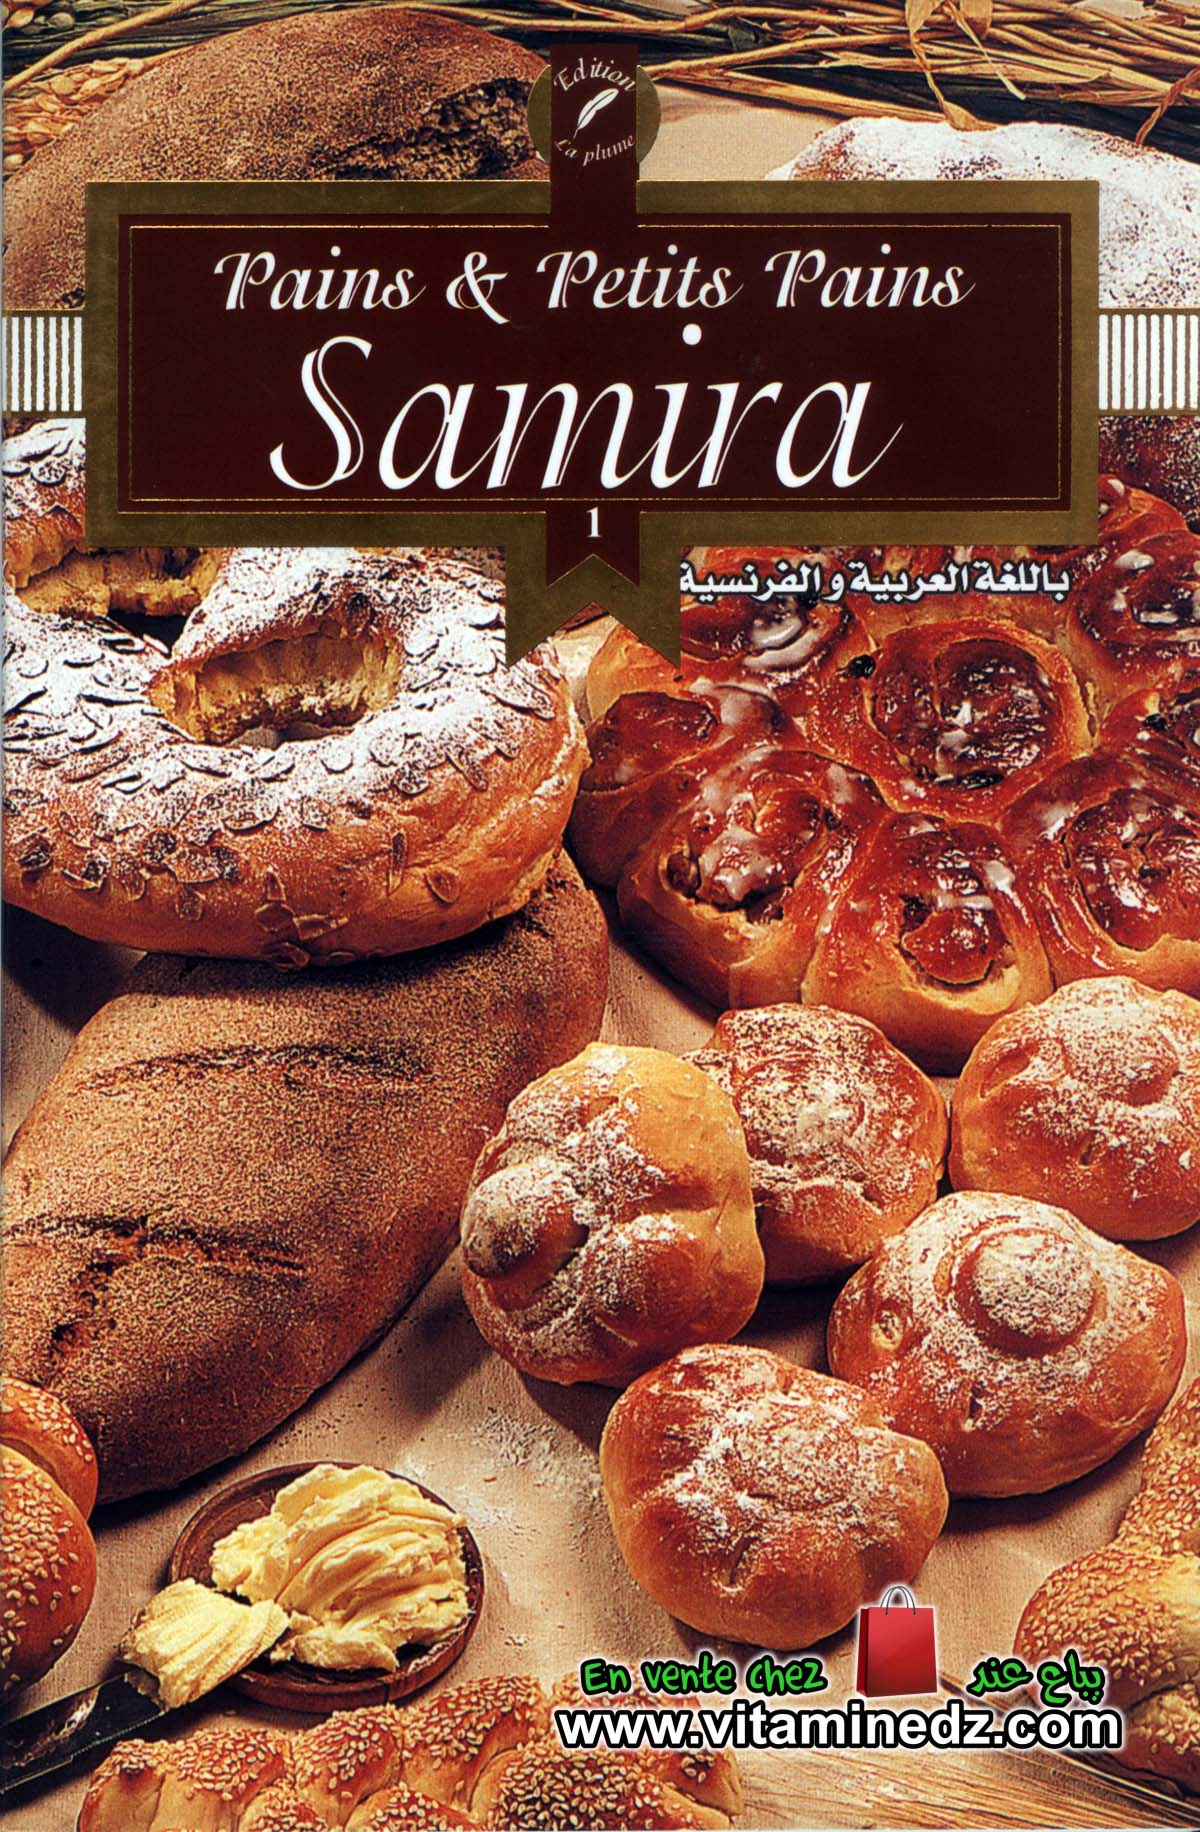 Samira - Pains et Petits Pains